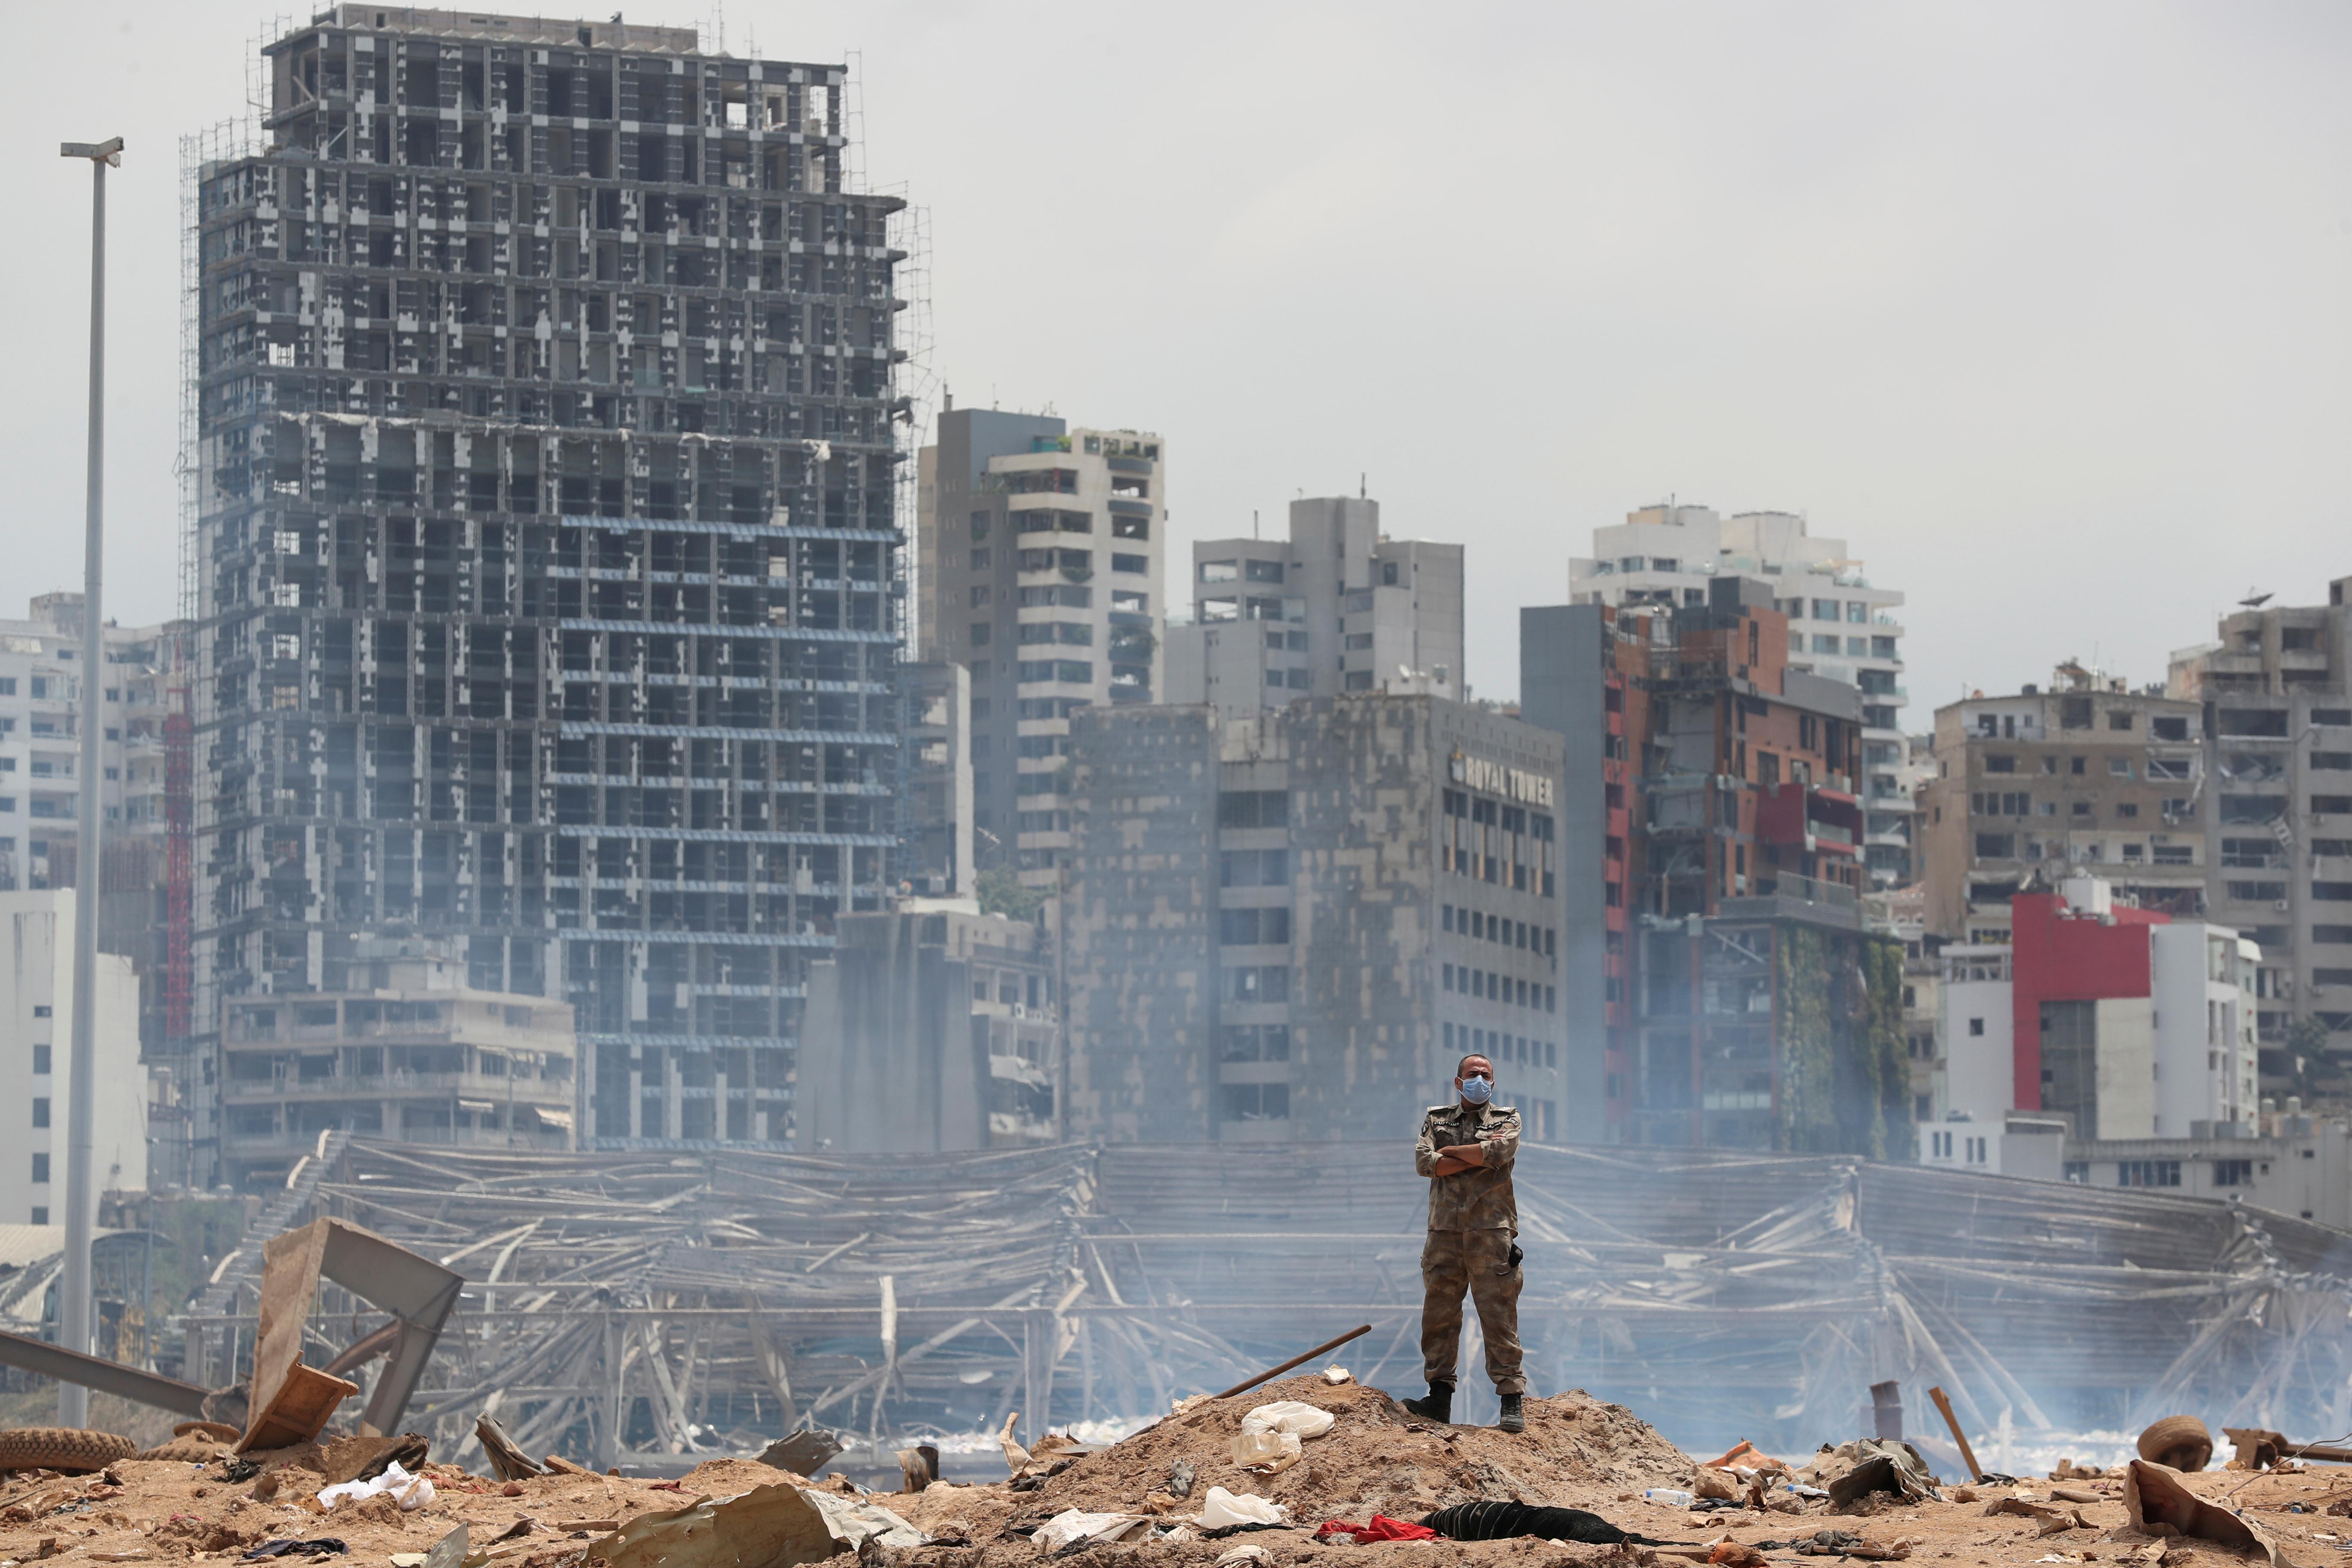 Lübnan Cumhurbaşkanı: Patlamanın nedeni net değil # 1